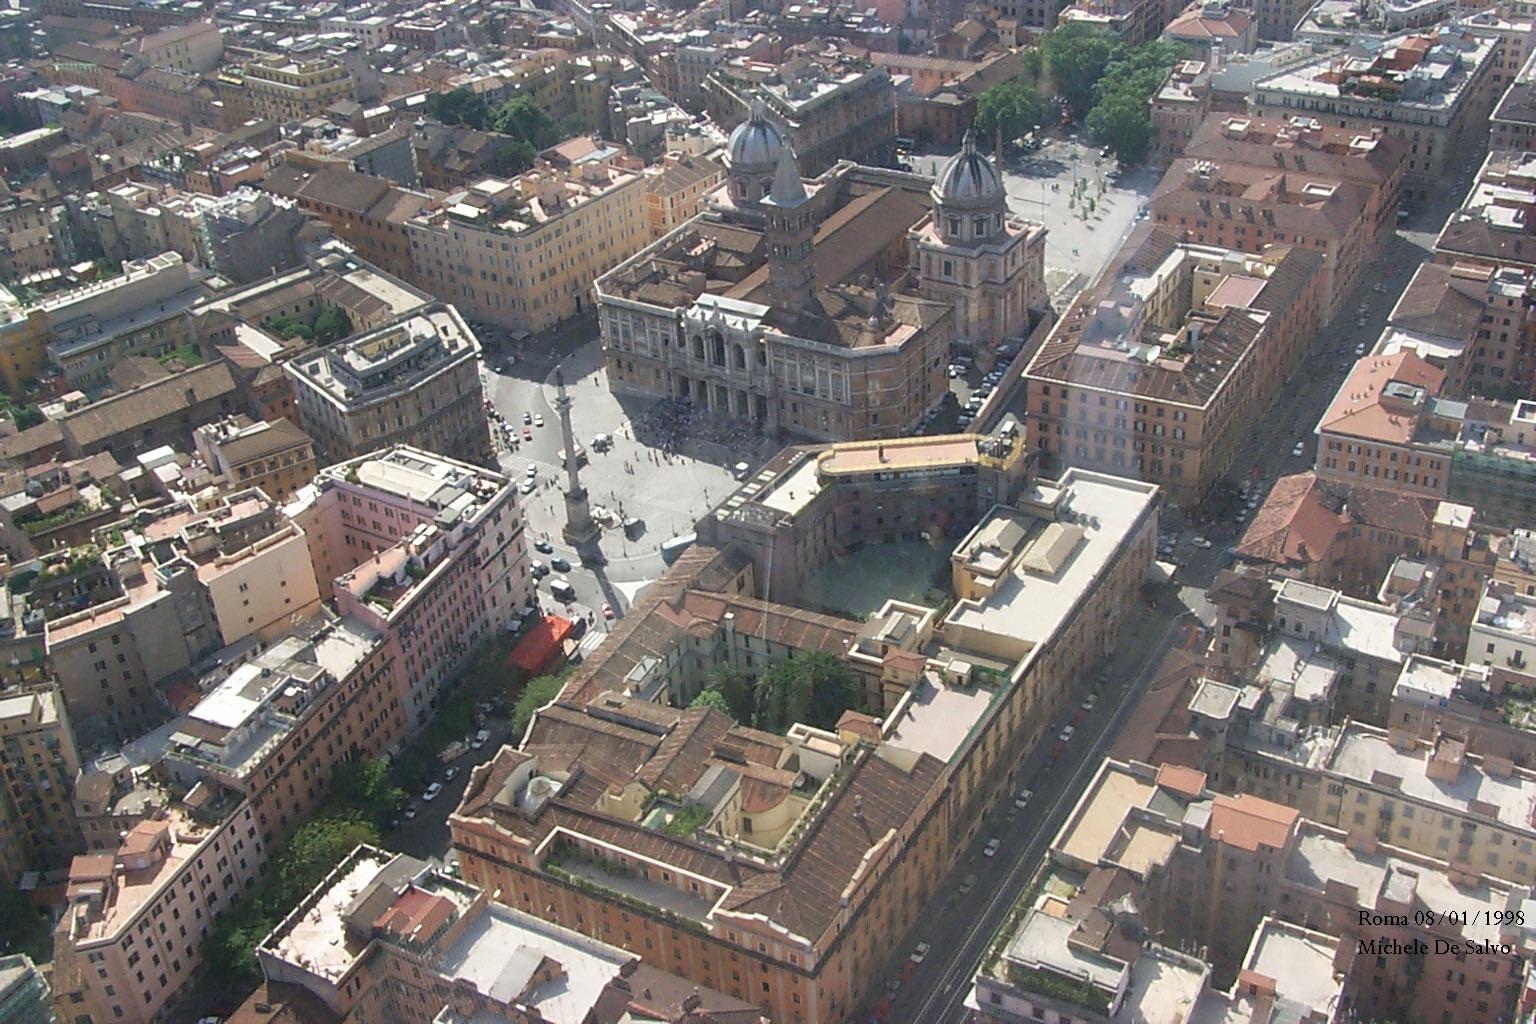 L'Istituto visto dall'alto